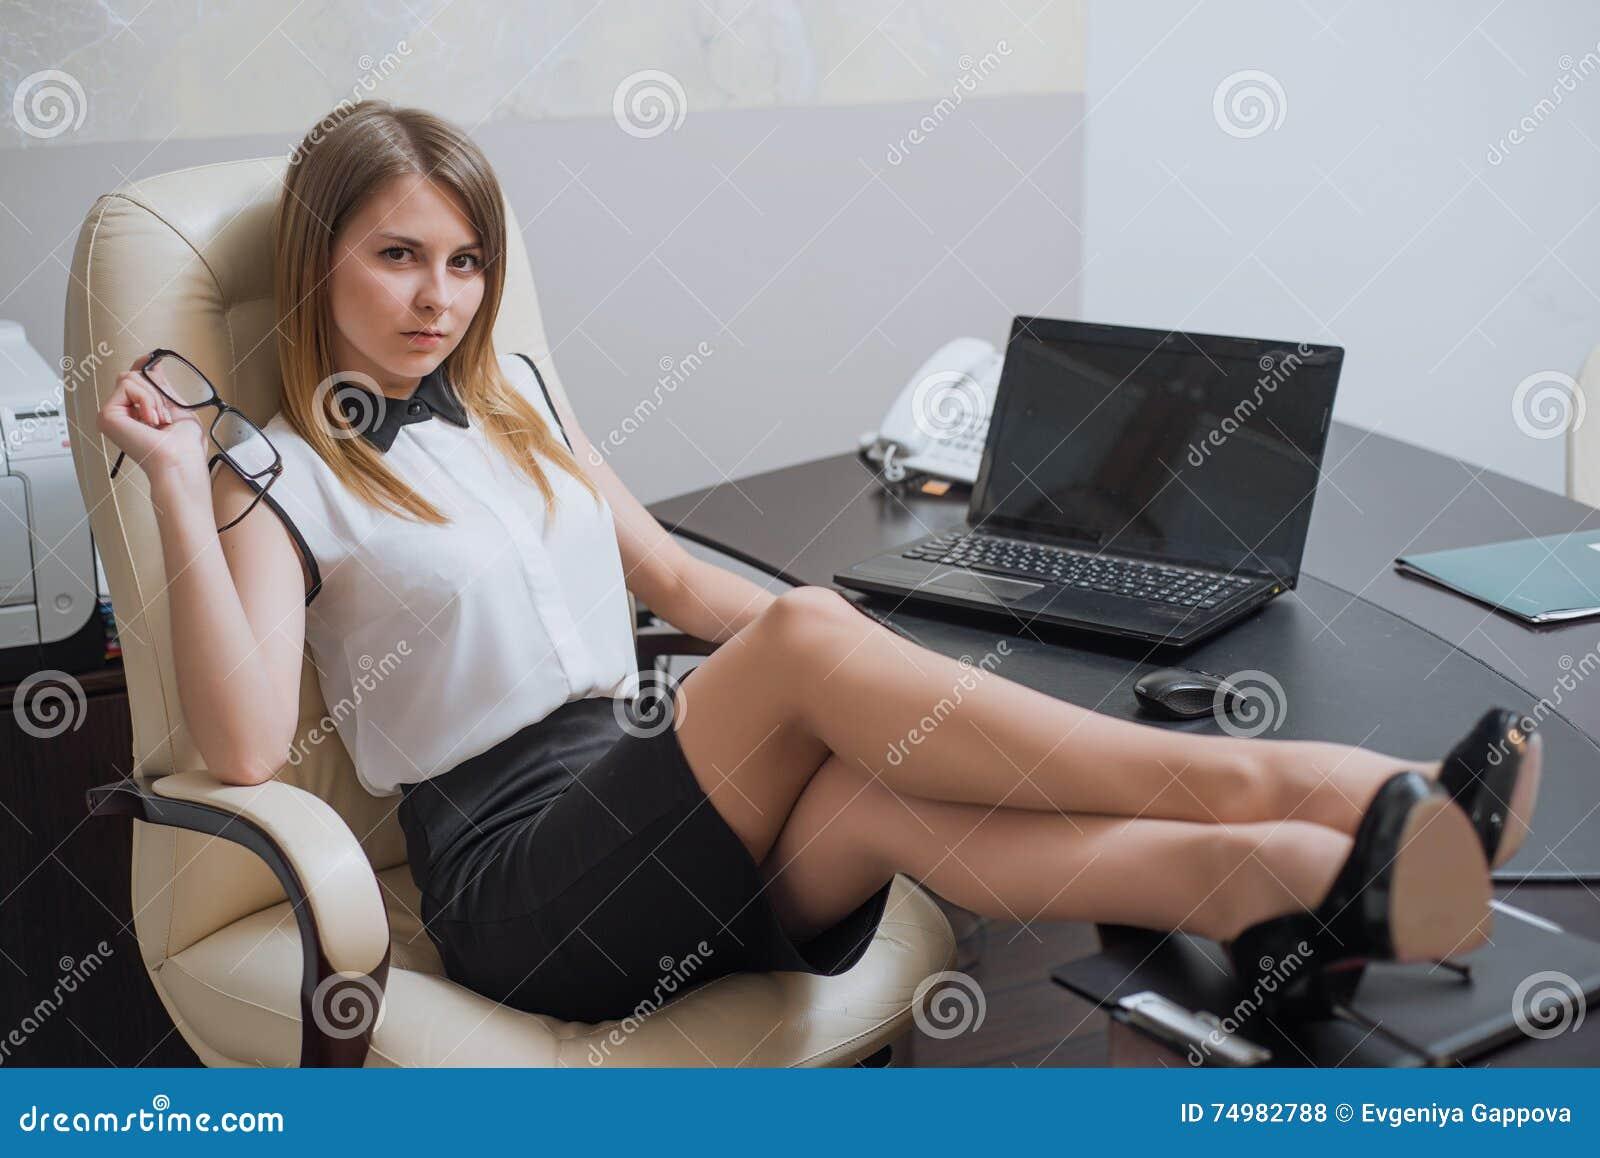 Sexy mädchen füße